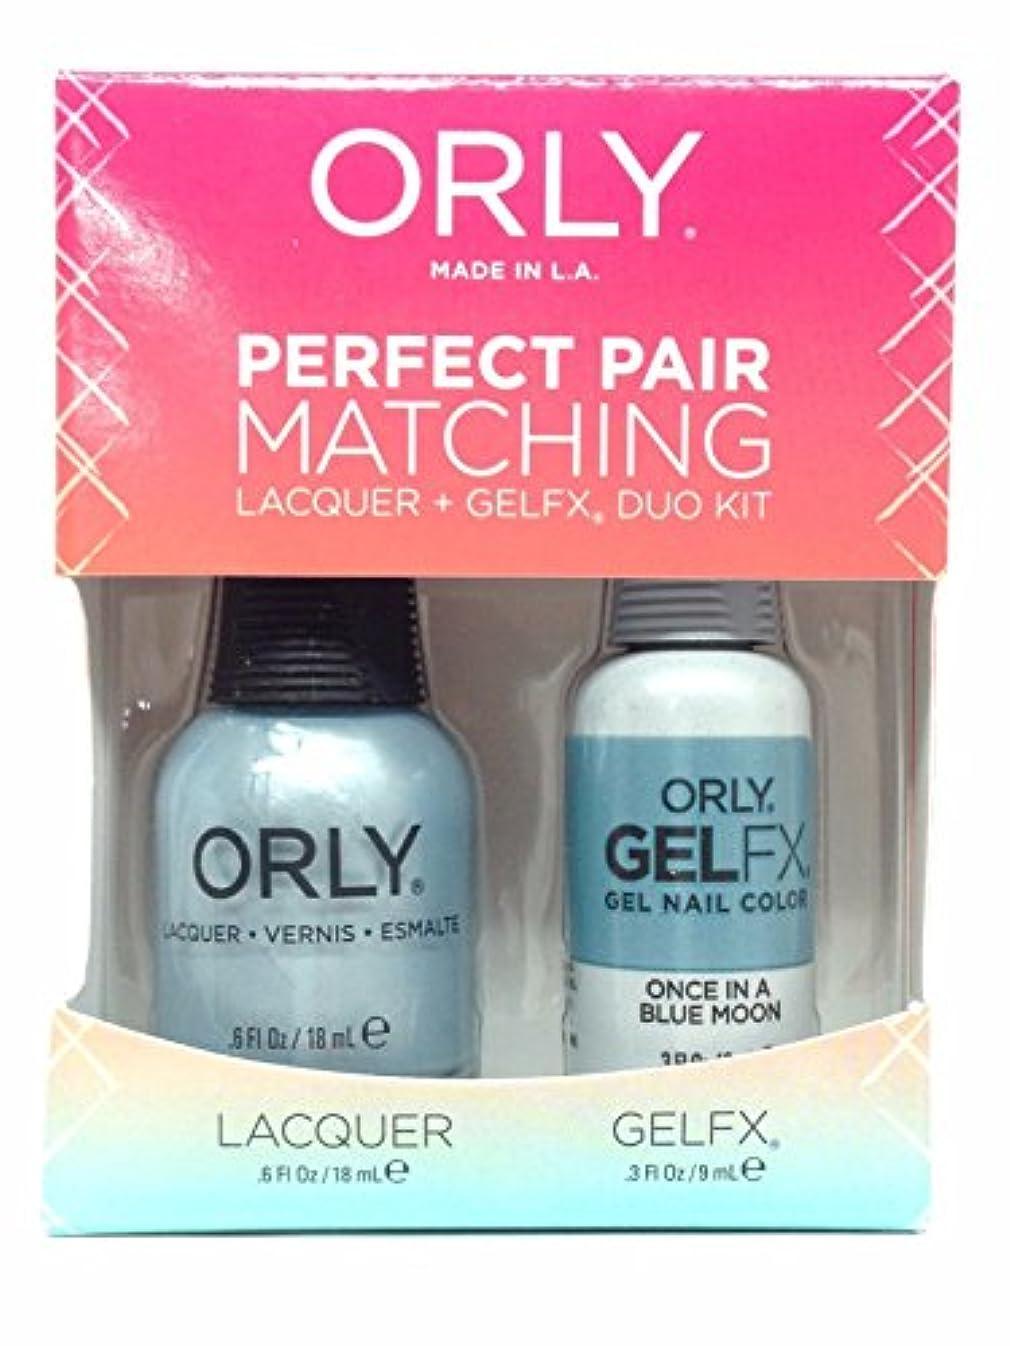 囲まれたたぶん生き残りますOrly Lacquer + Gel FX - Perfect Pair Matching DUO Kit - Once In A Blue Moon